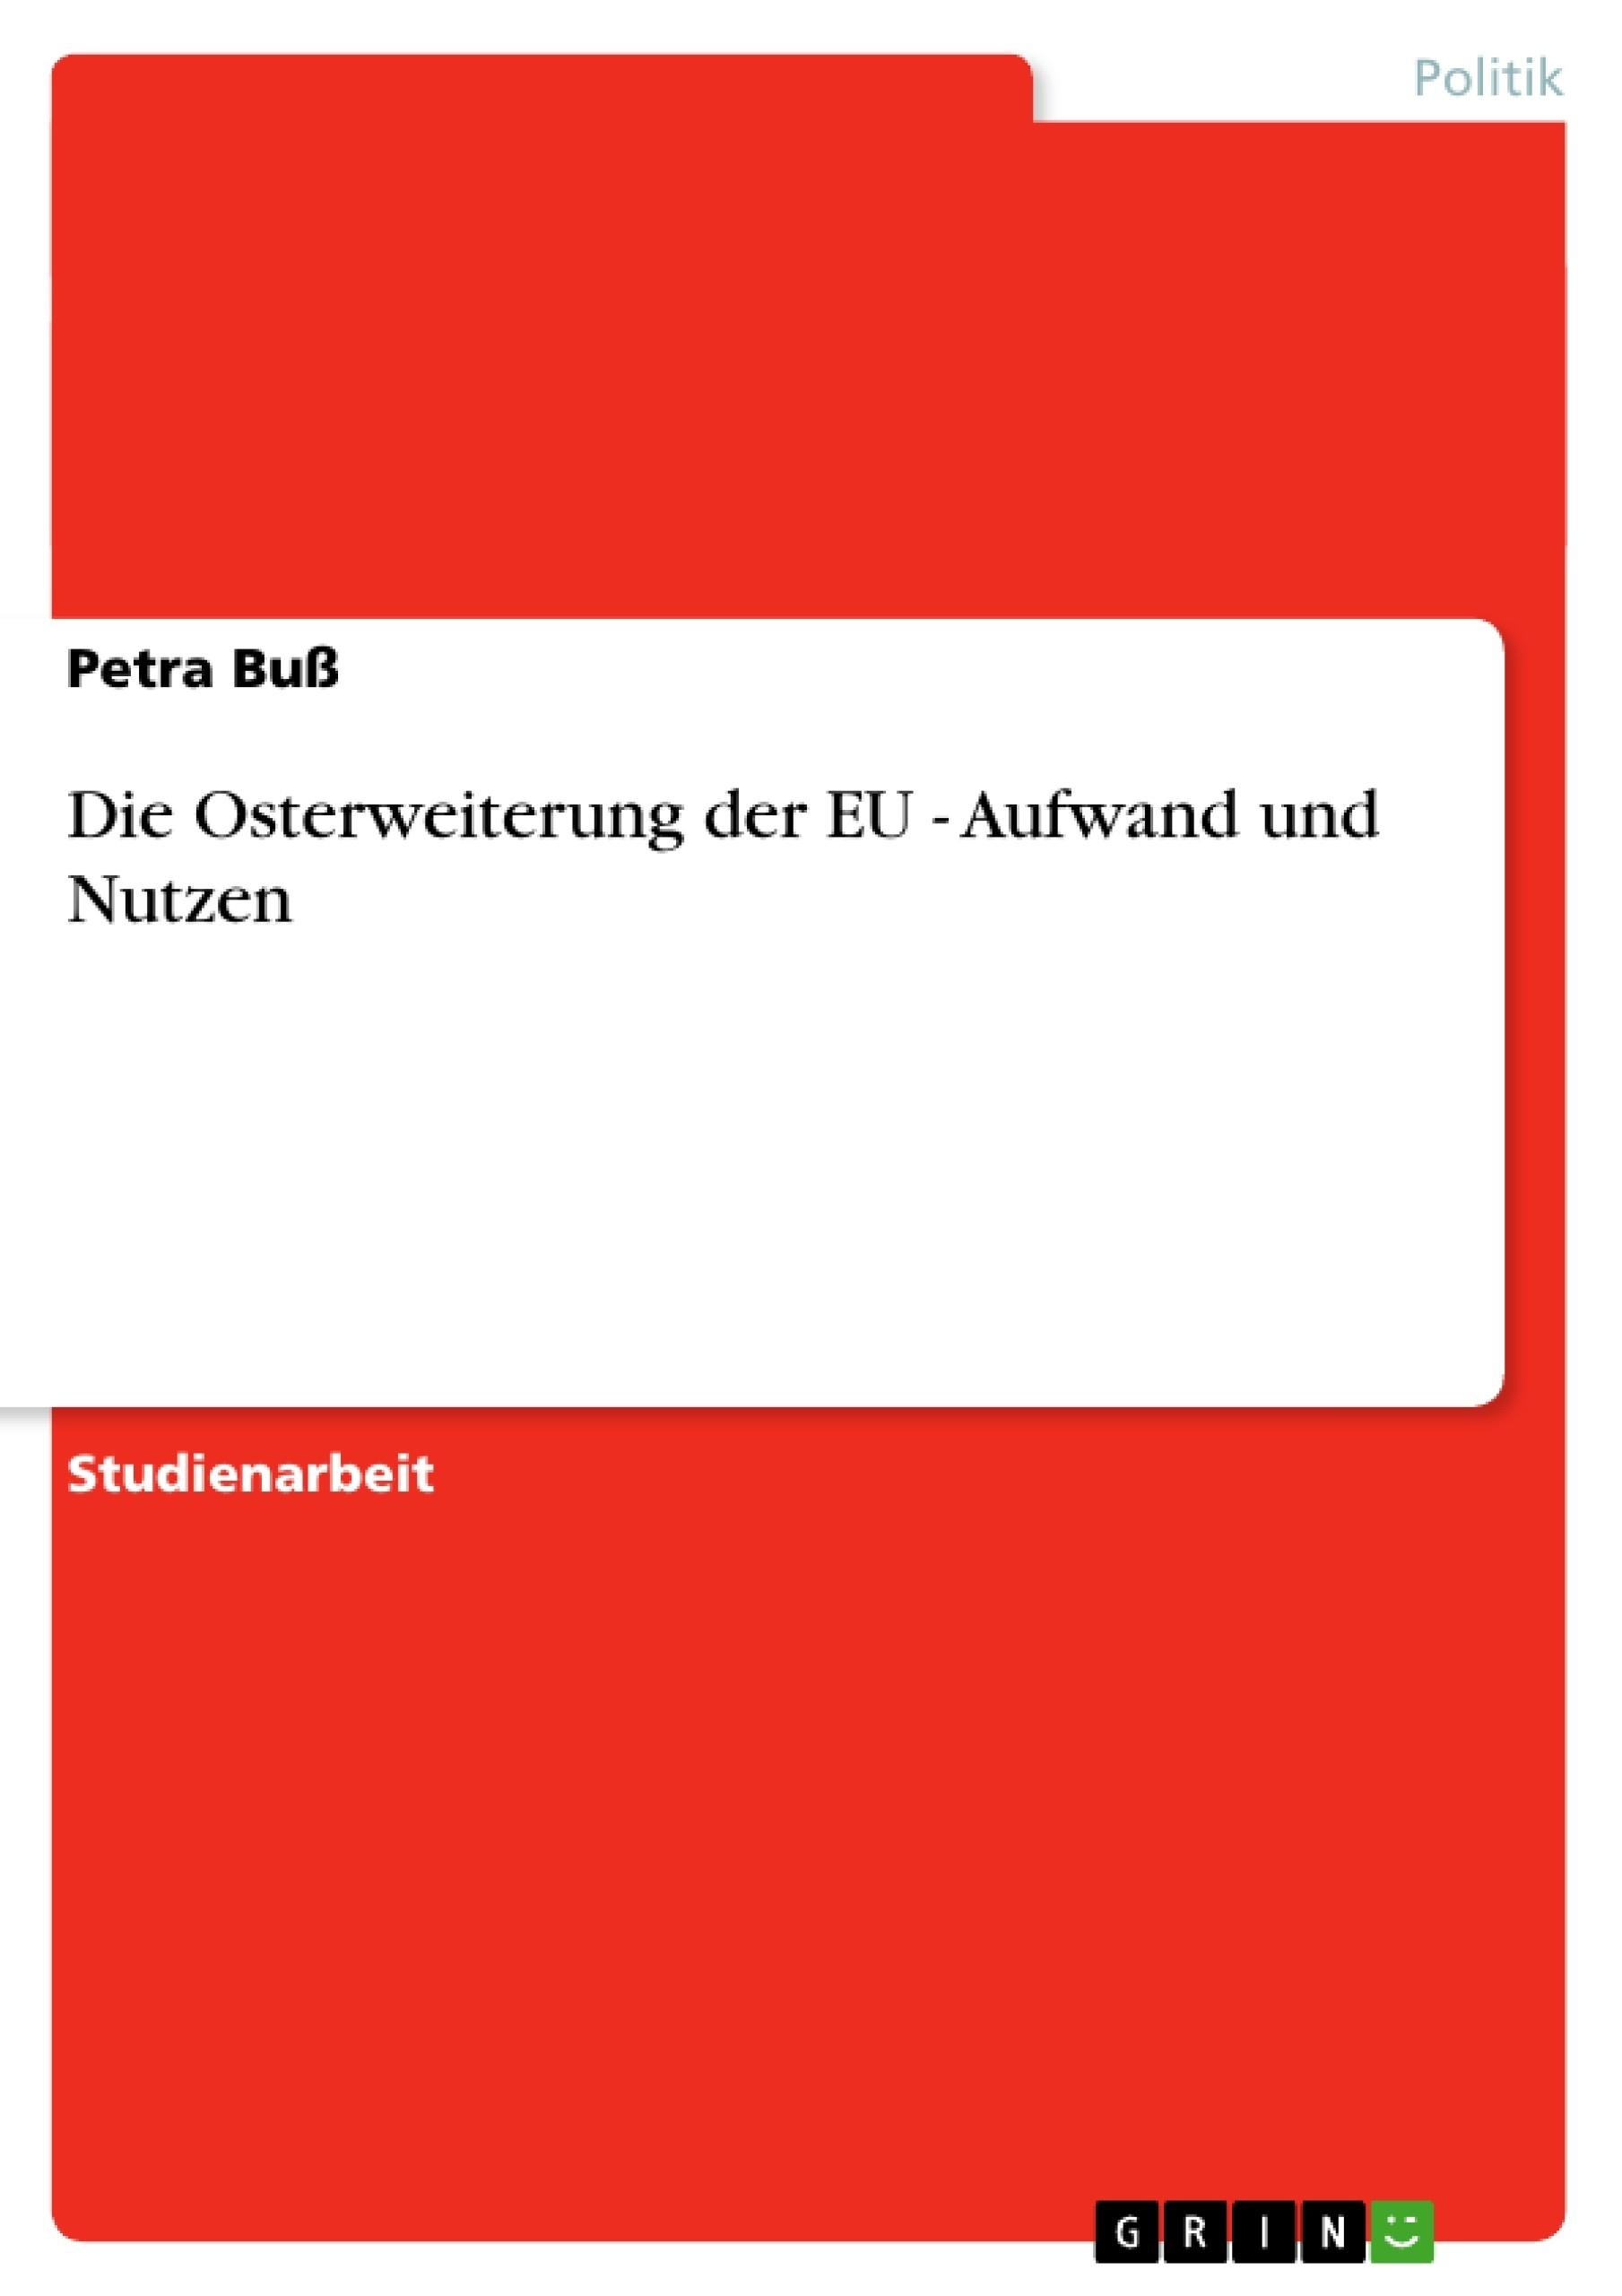 Titel: Die Osterweiterung der EU - Aufwand und Nutzen